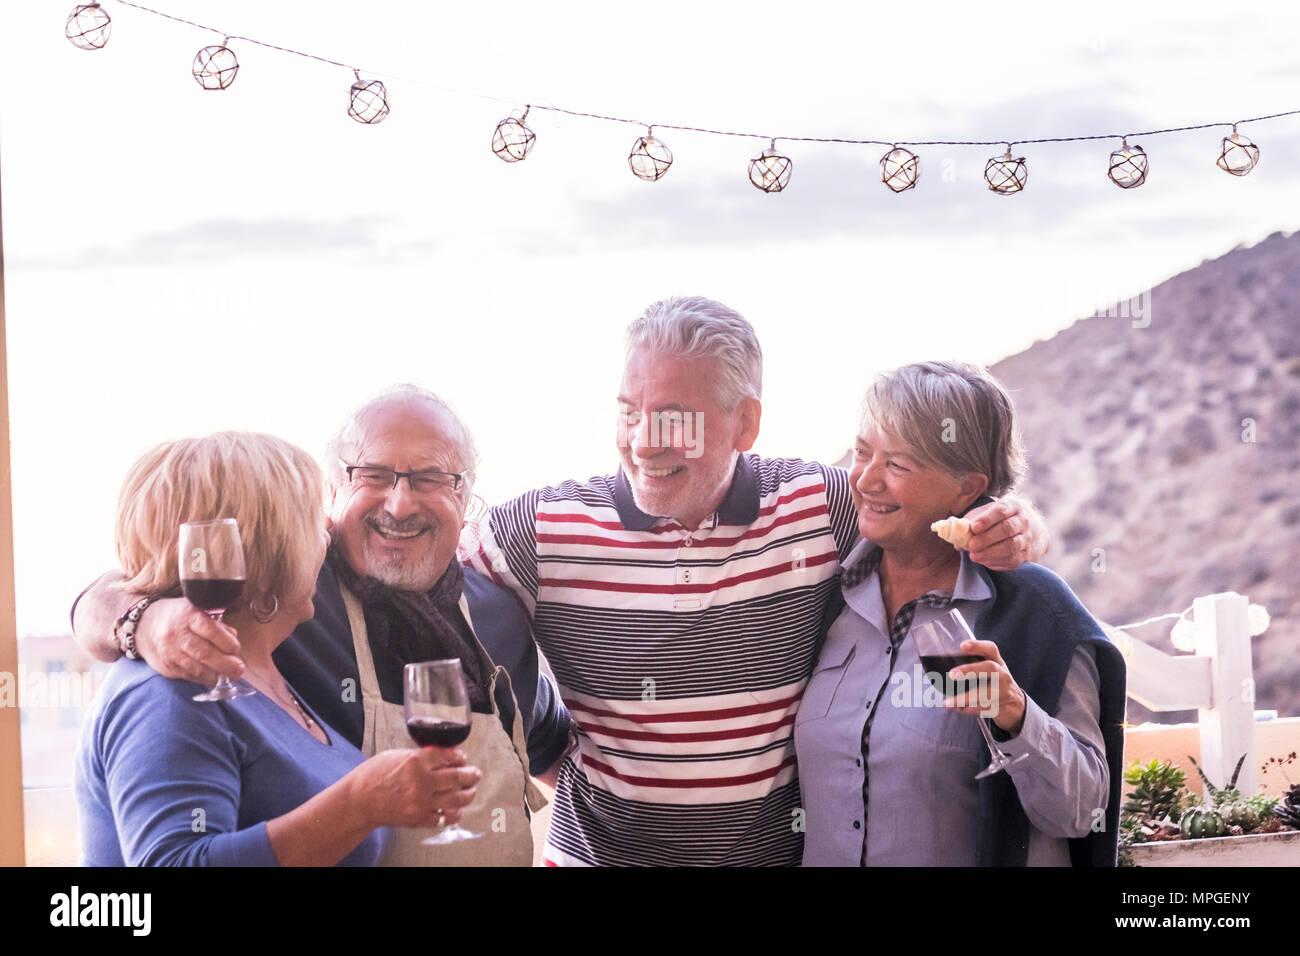 Gruppo di 4 senior, due coppie, stare insieme e divertirsi gustano un bicchiere di vino all'aperto nel tetto. vacanza anziani concetto e amicizia. Sun Foto Stock